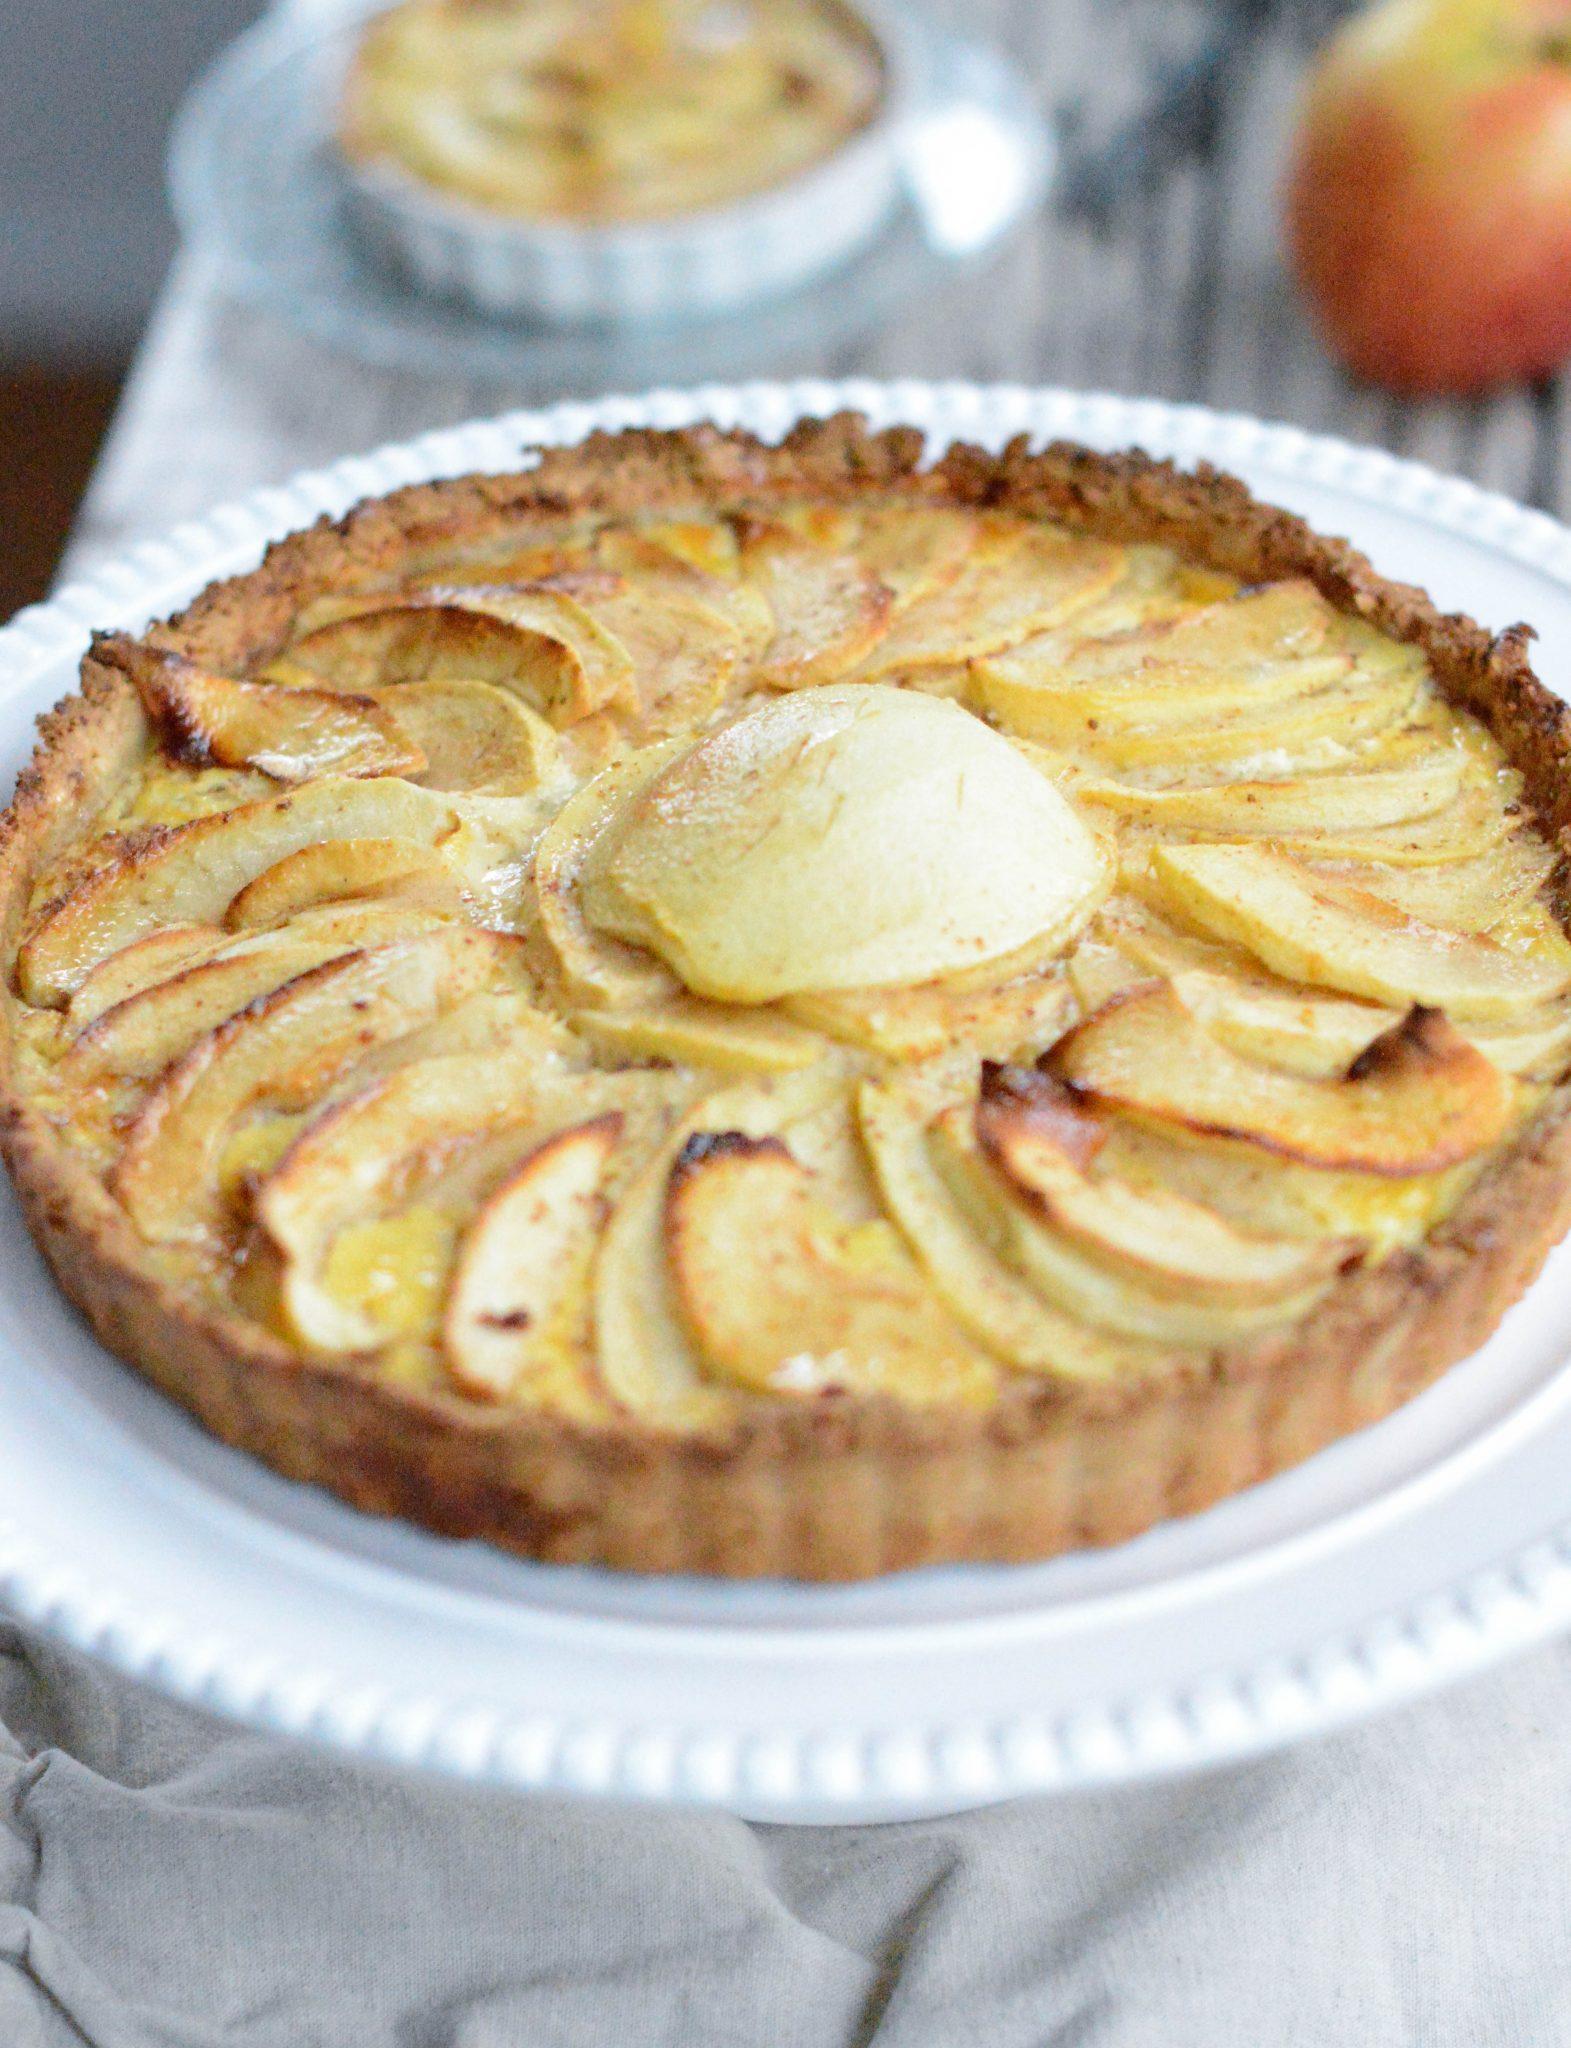 Paleo apple pie